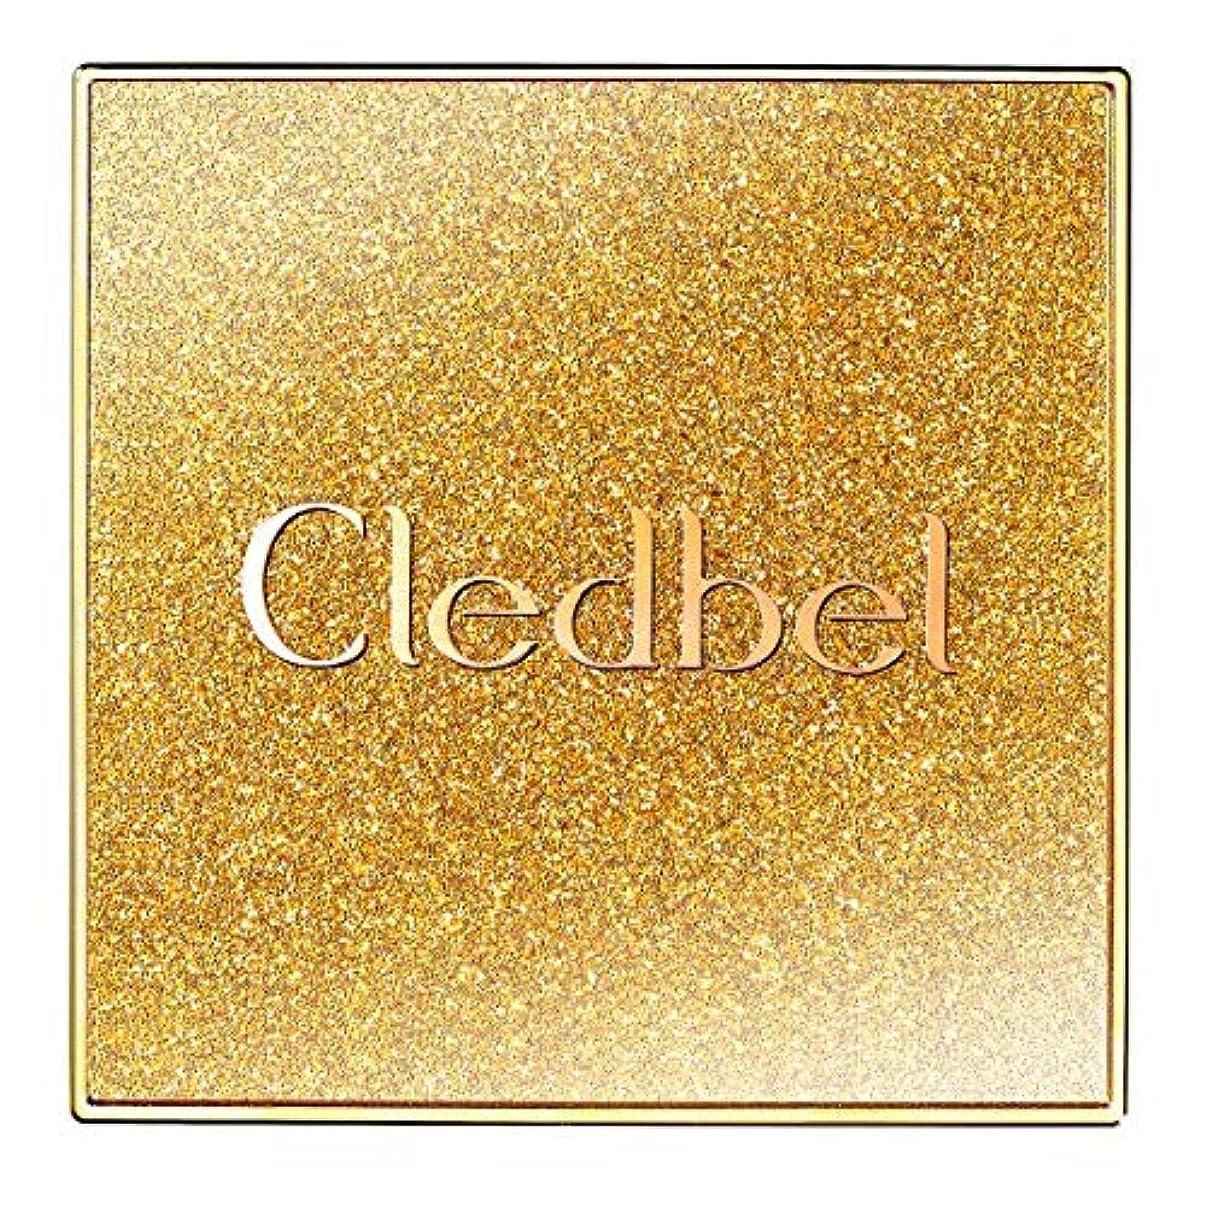 病遺体安置所構成する[Cledbel] Miracle Power Lift V Cushion SPF50+ PA+++ GOLD EDITION/クレッドベルミラクルリフトV クッション [並行輸入品]